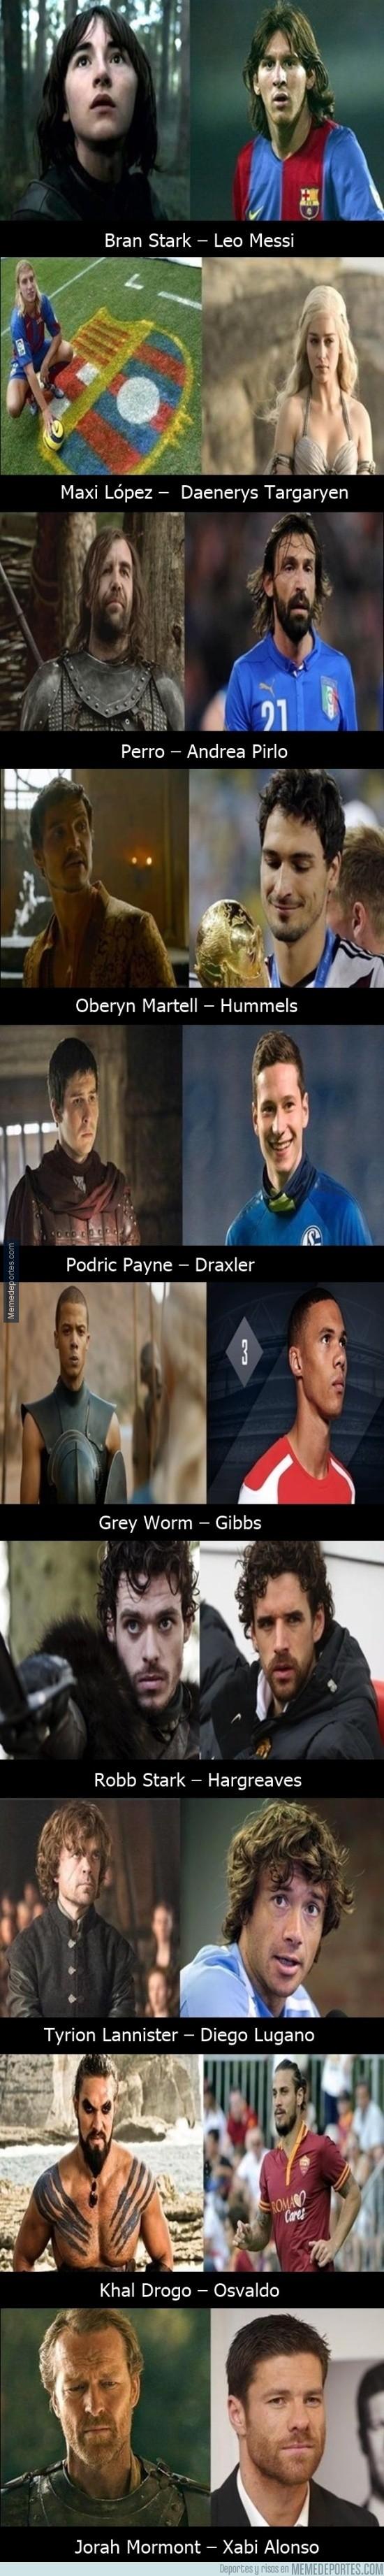 572224 - Los futbolistas más parecidos a los personajes de Juego de Tronos